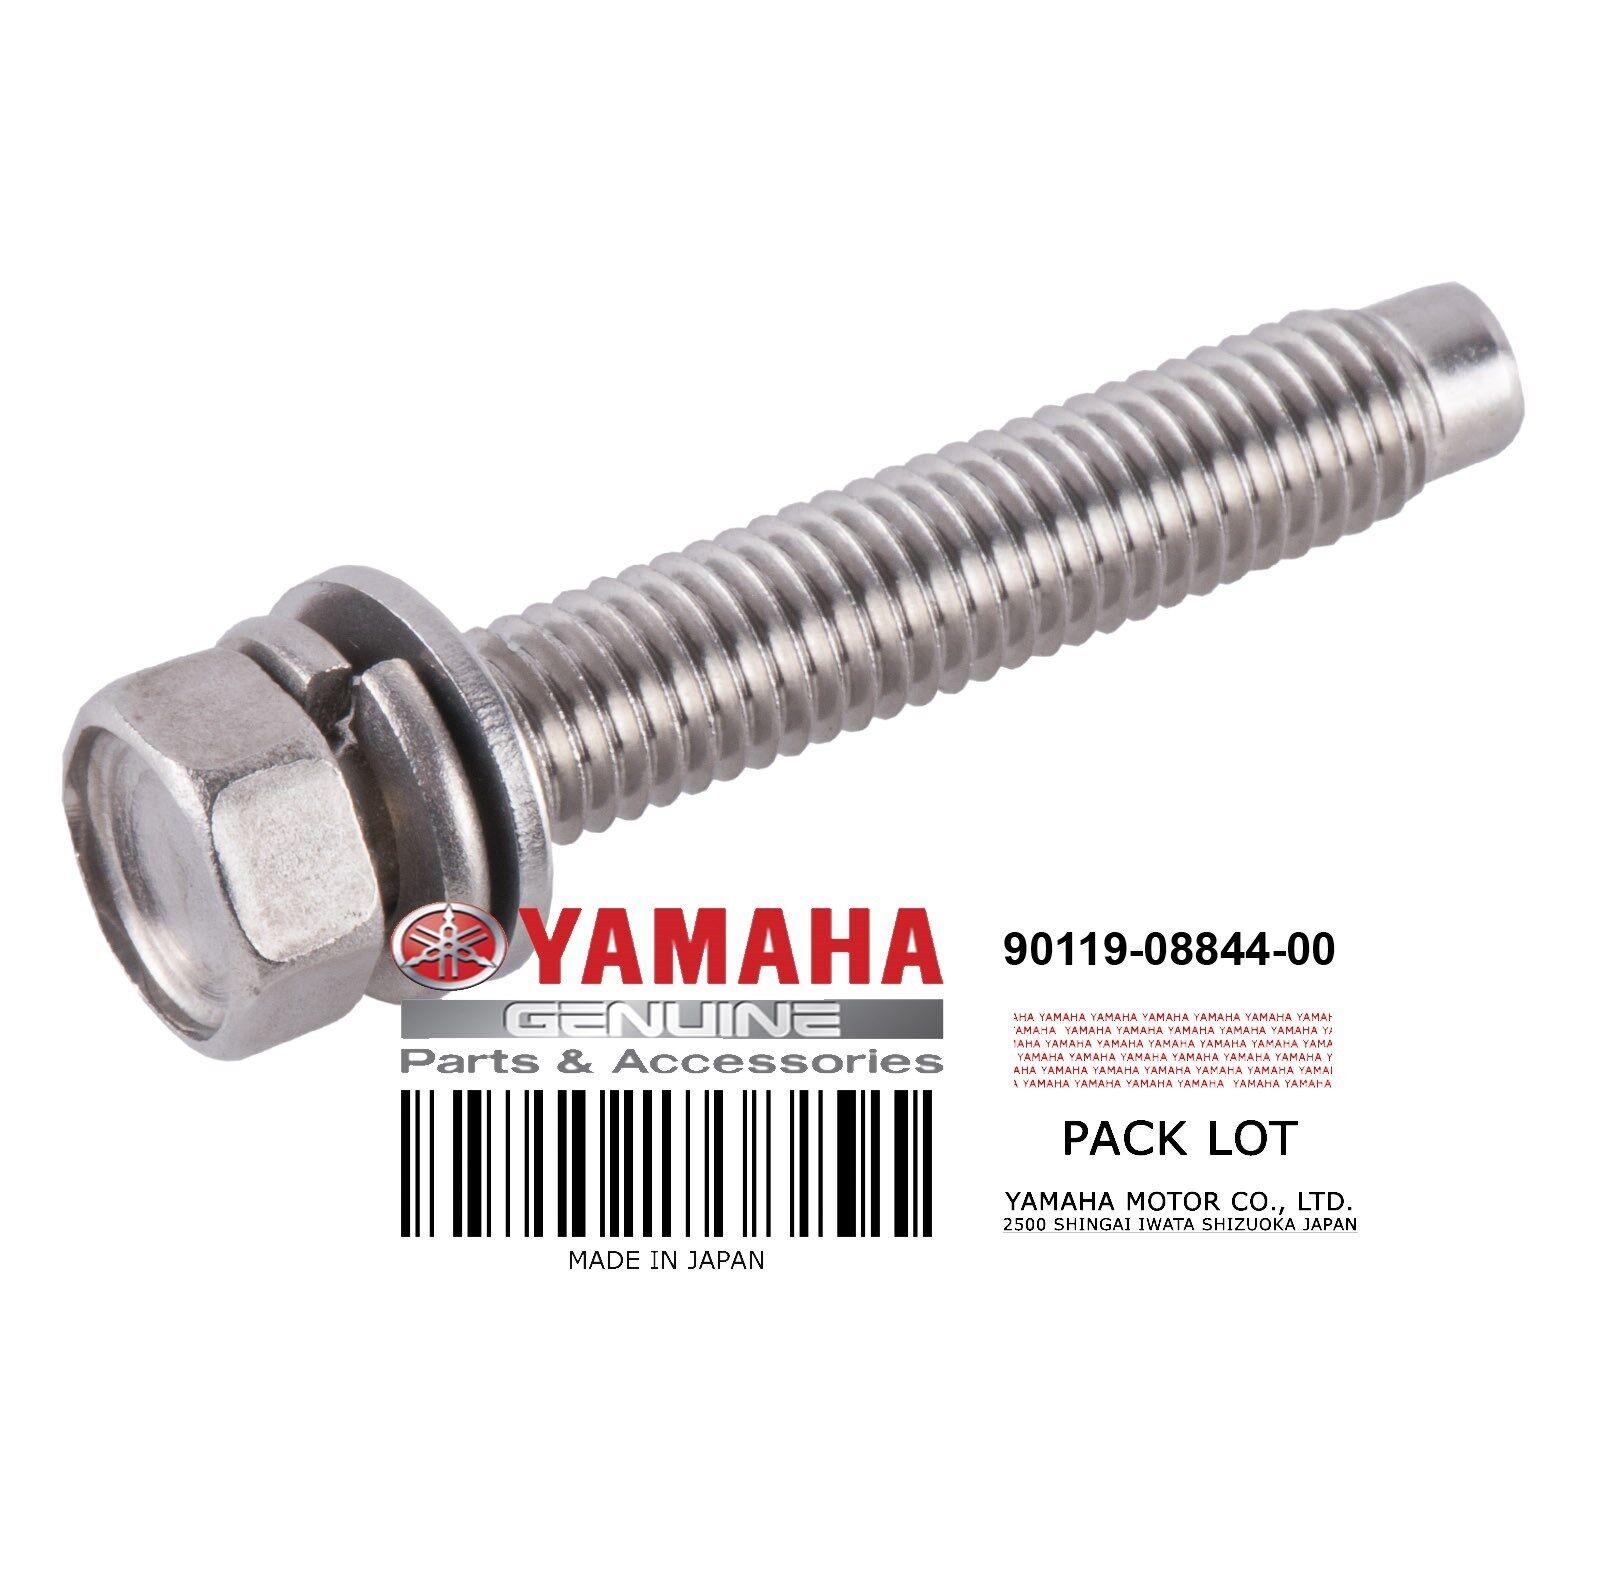 Yamaha OEM BOLT WITH WASHER 90119-08844-00